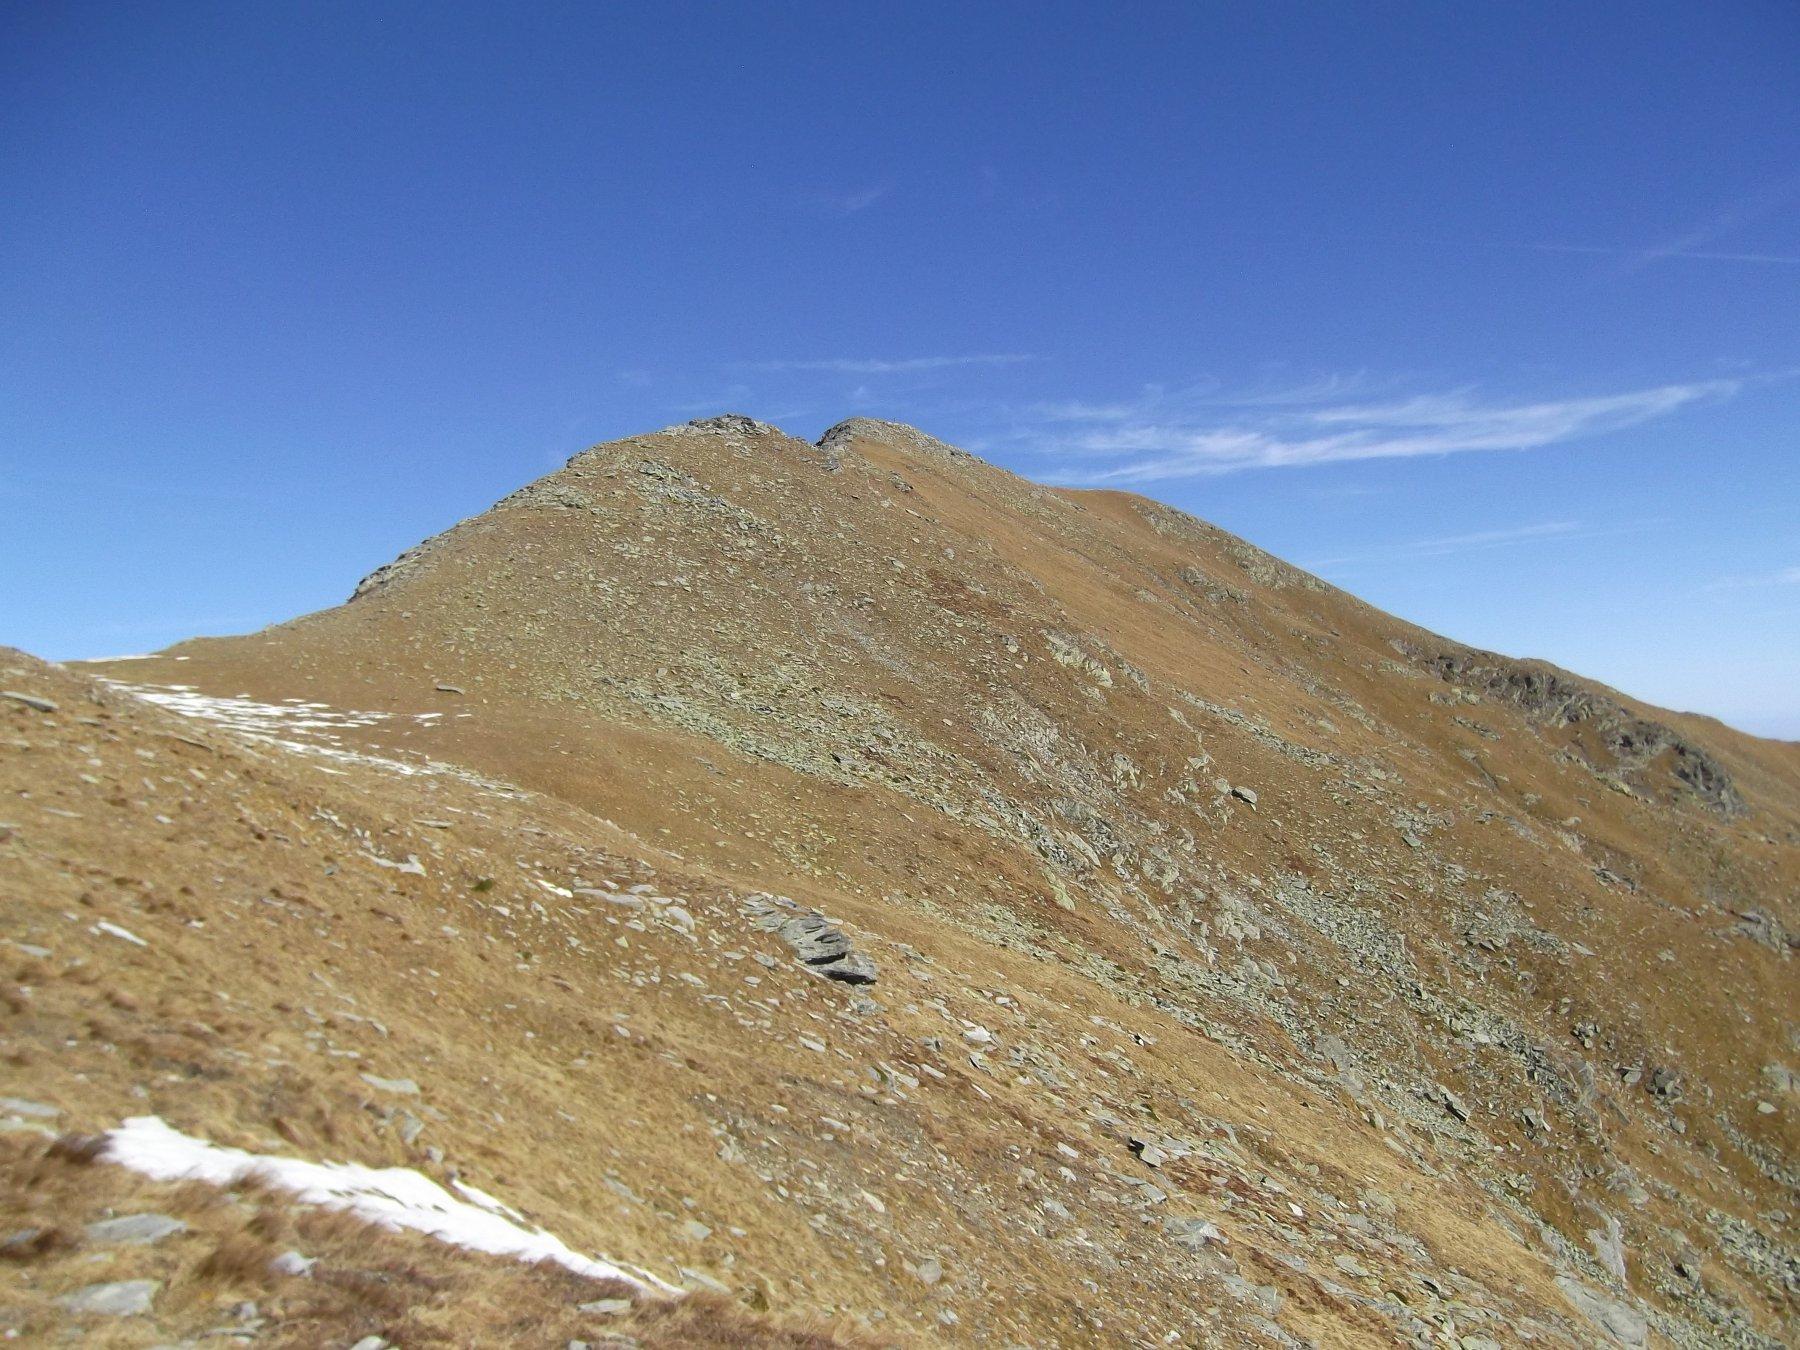 Monte Frioland dalla parte alta della Costa Rasis.